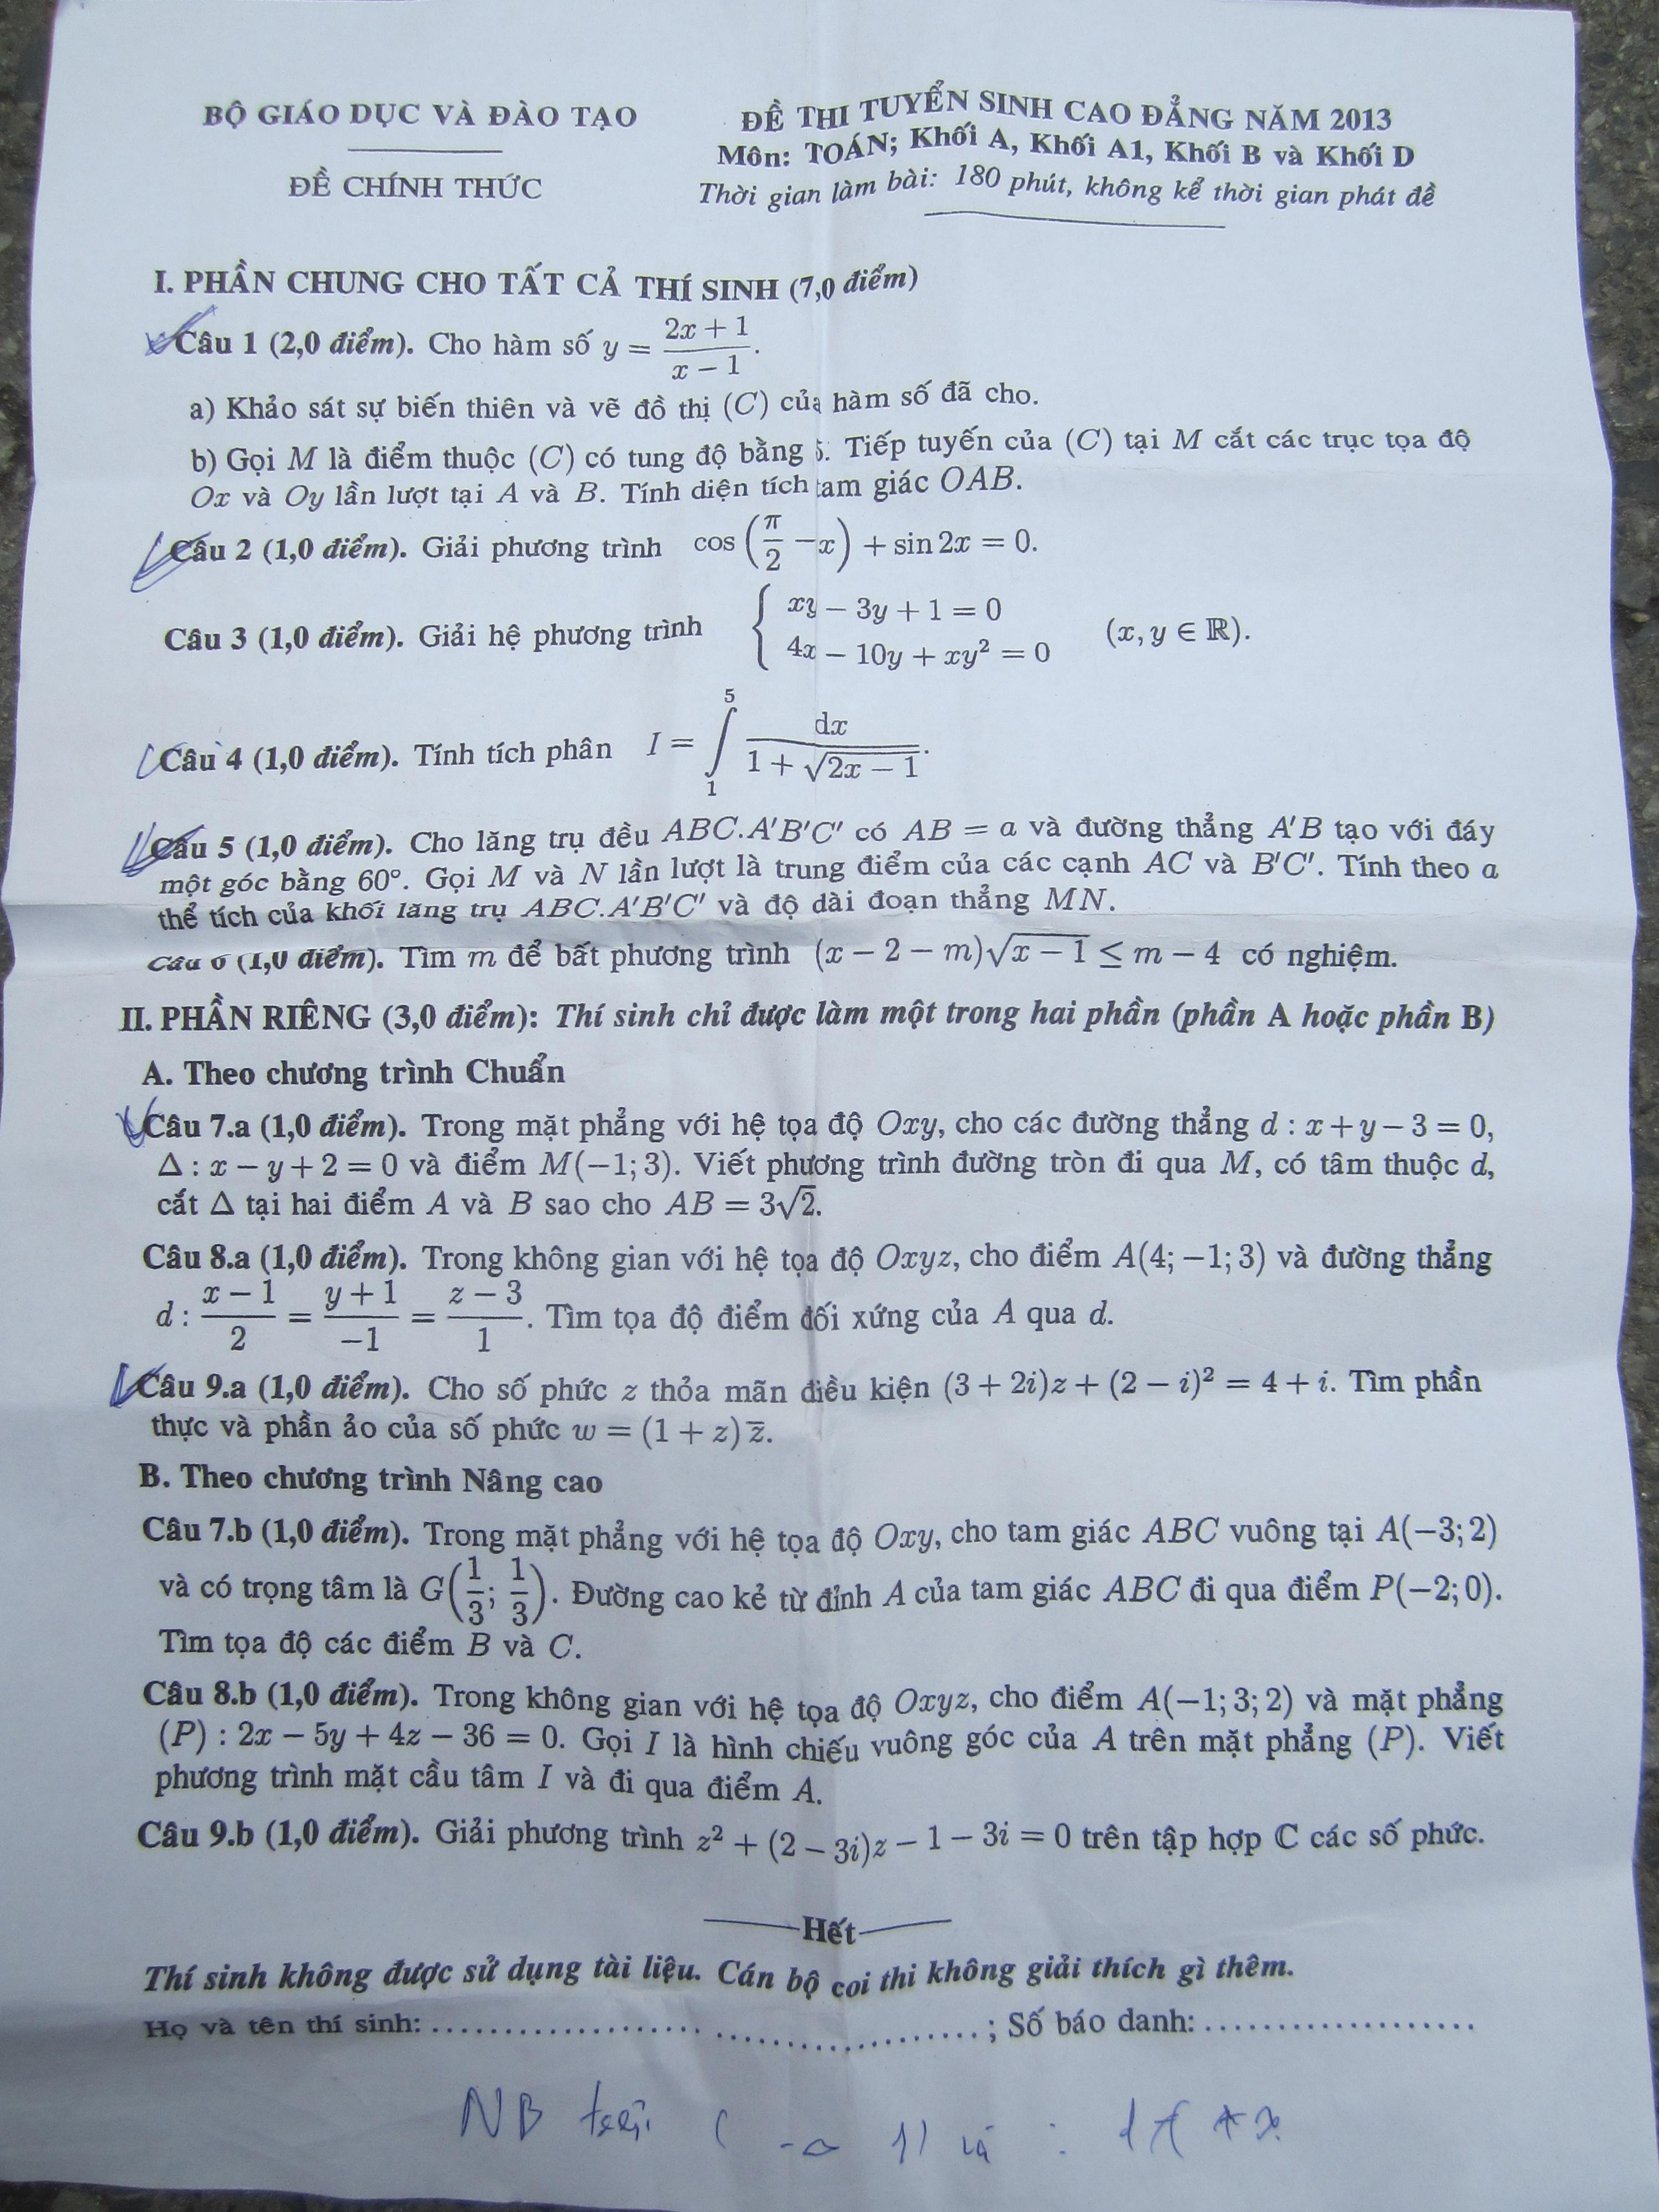 Đáp án đề thi Cao đẳng môn Toán khối A, A1, B, D năm 2013 – Đã có gợi ý đáp án